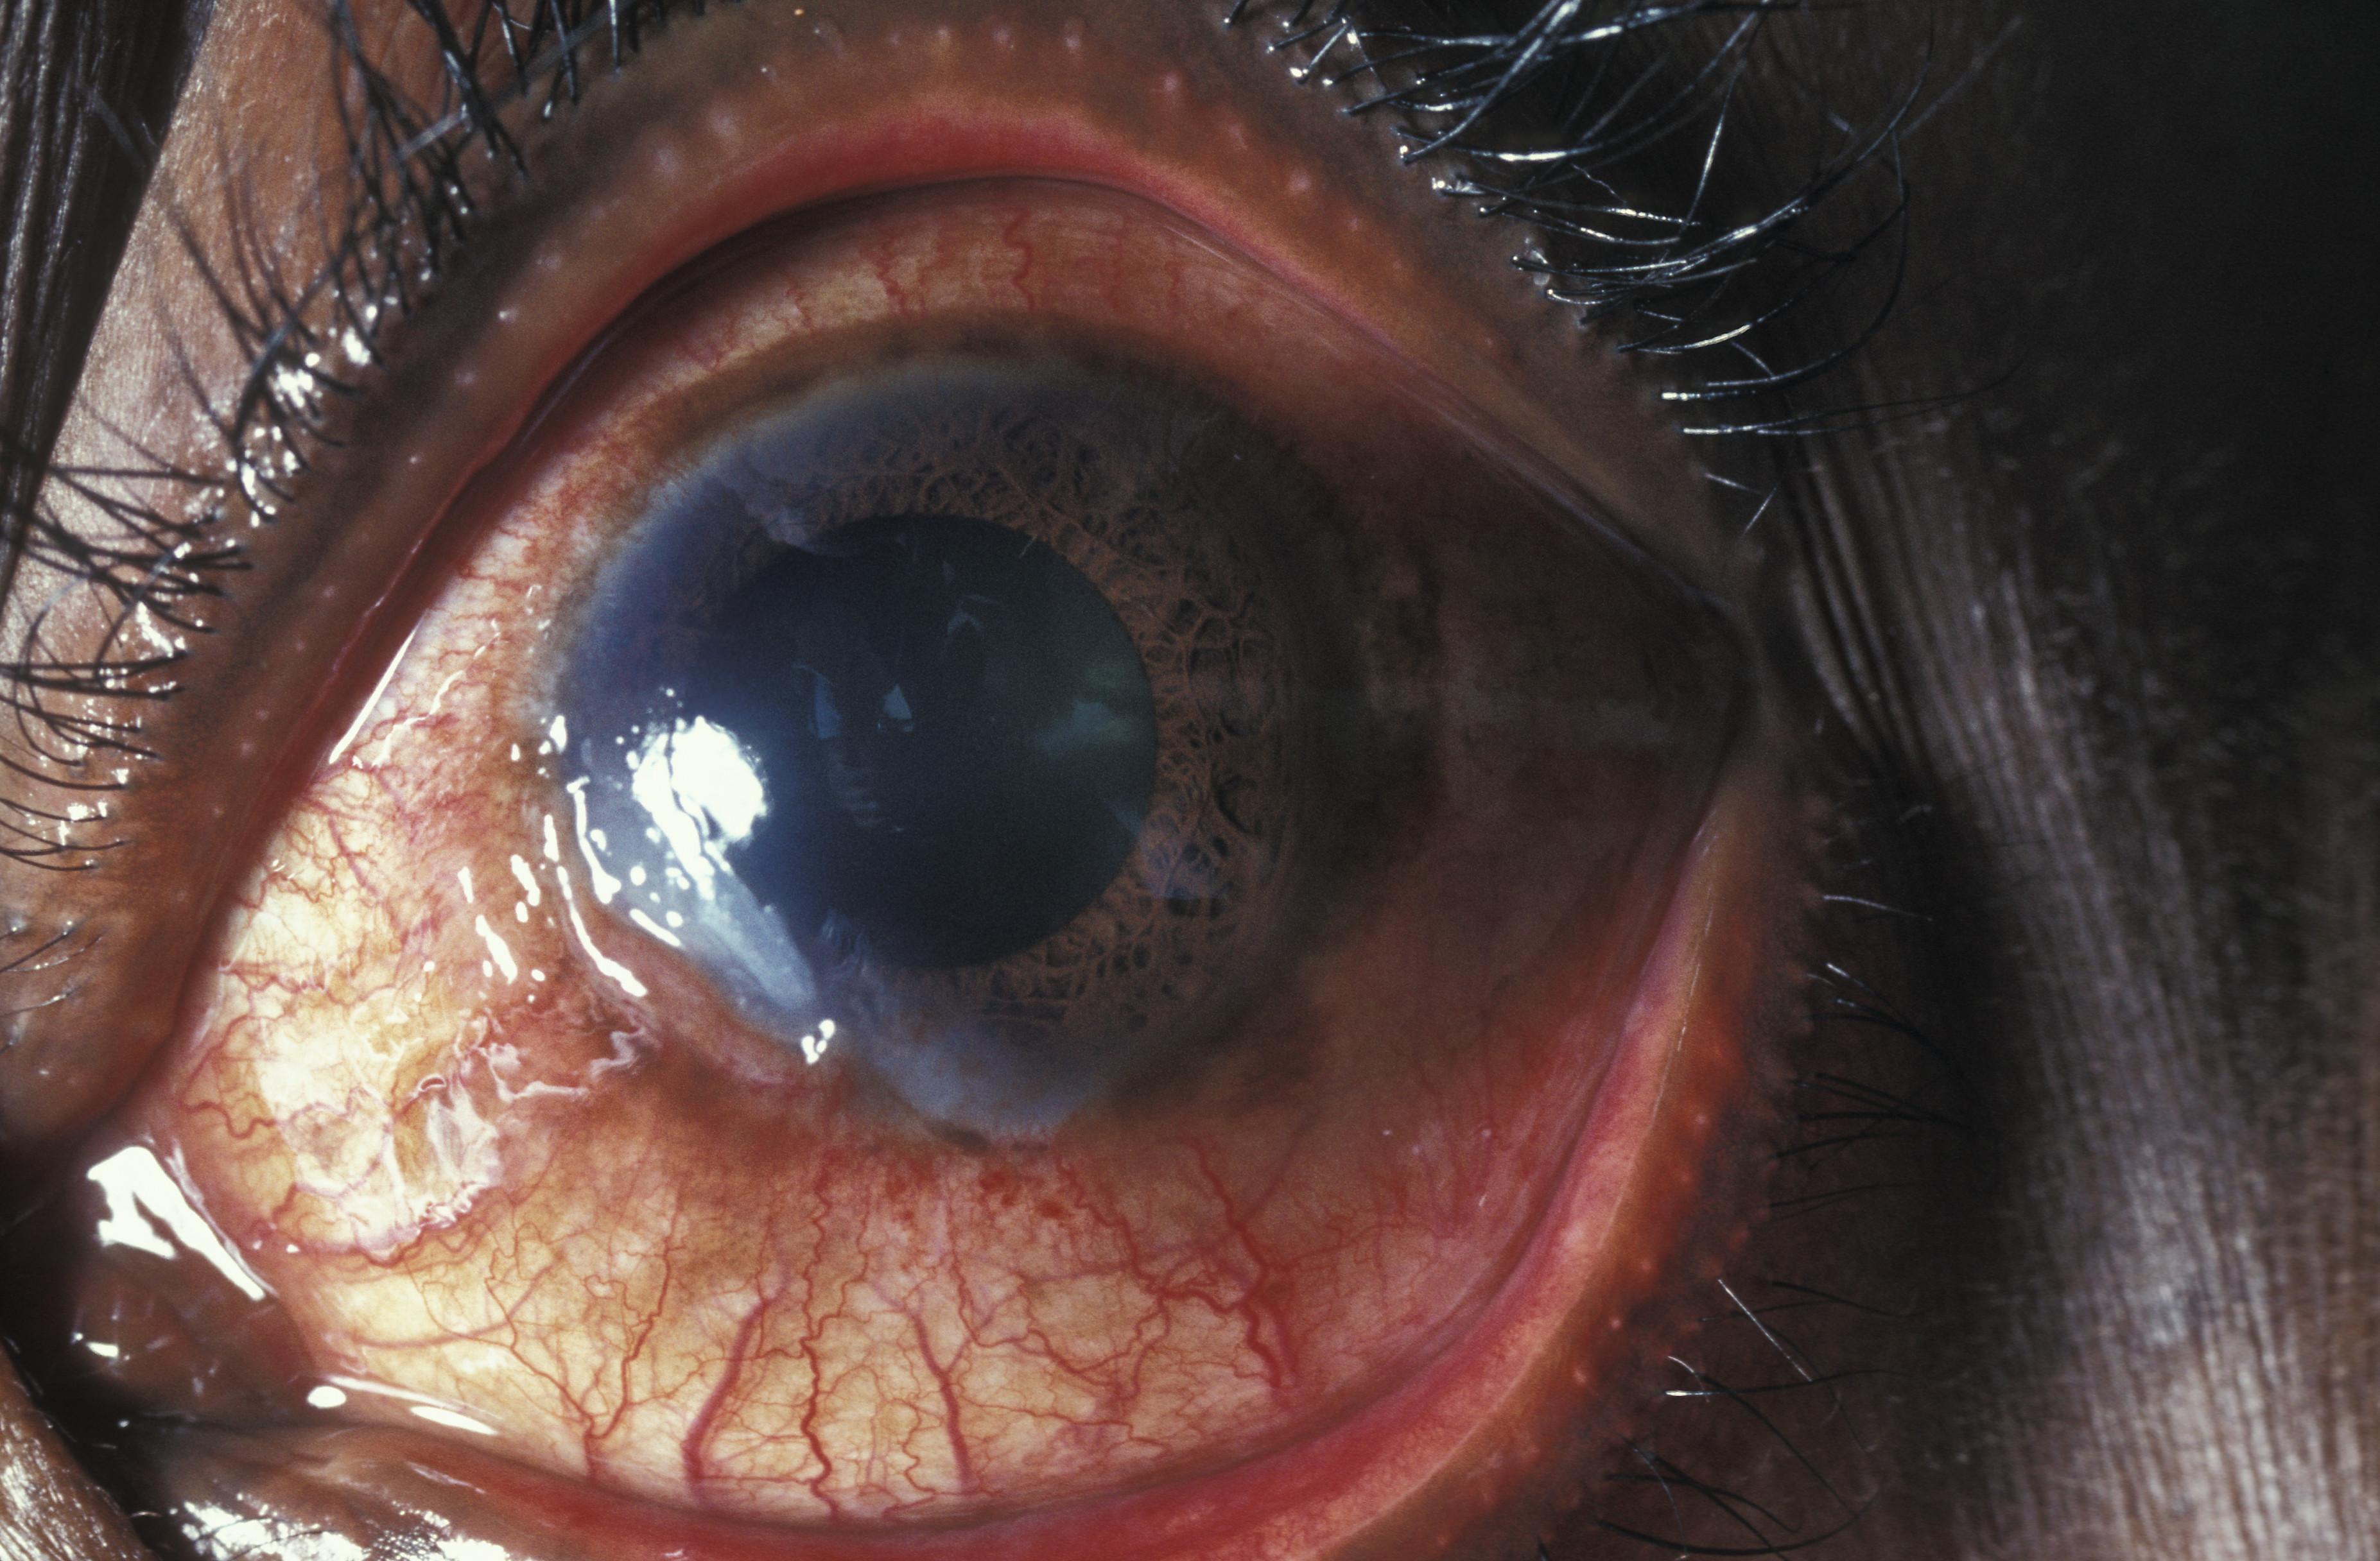 Кератит - симптомы болезни, профилактика и лечение кератита, причины заболевания и его диагностика на eurolab